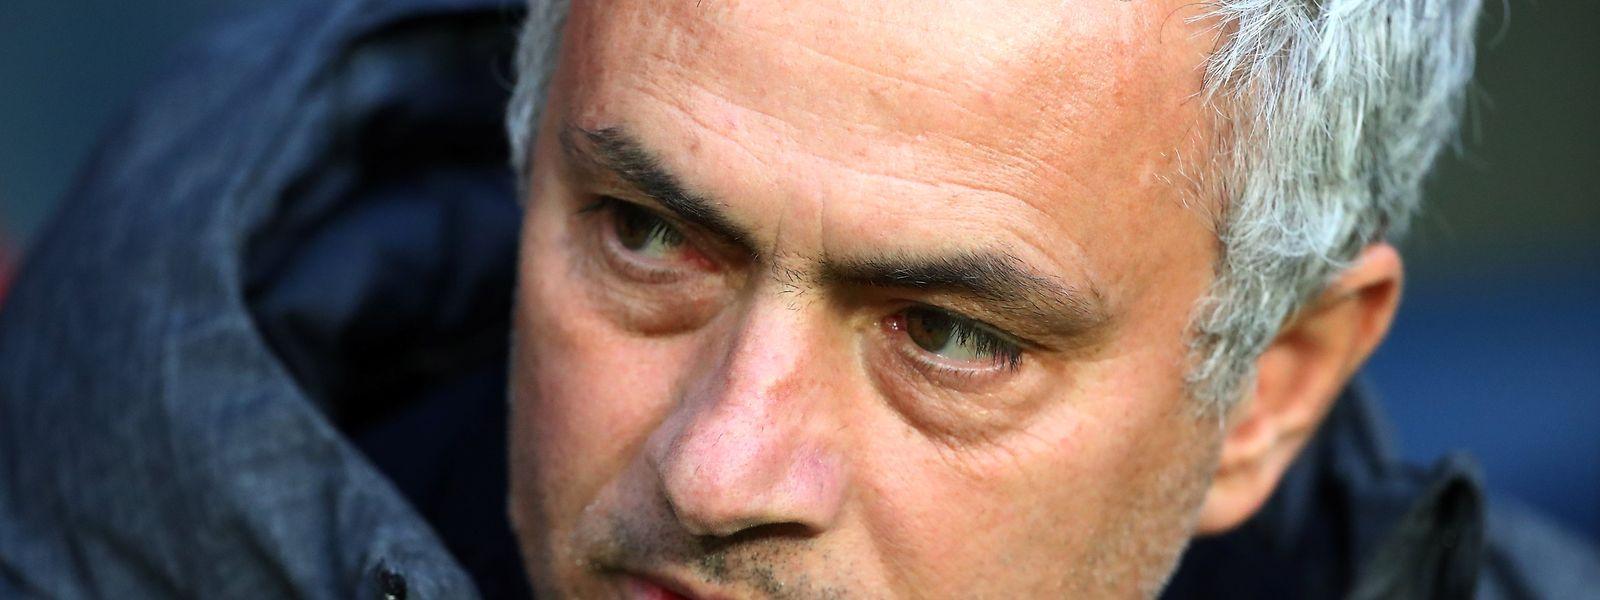 """Sobre o futuro, Mourinho disse que as suas """"motivações estão como nunca"""" e que está """"em alta"""", mas que agora tem direito a esperar por um novo projeto."""